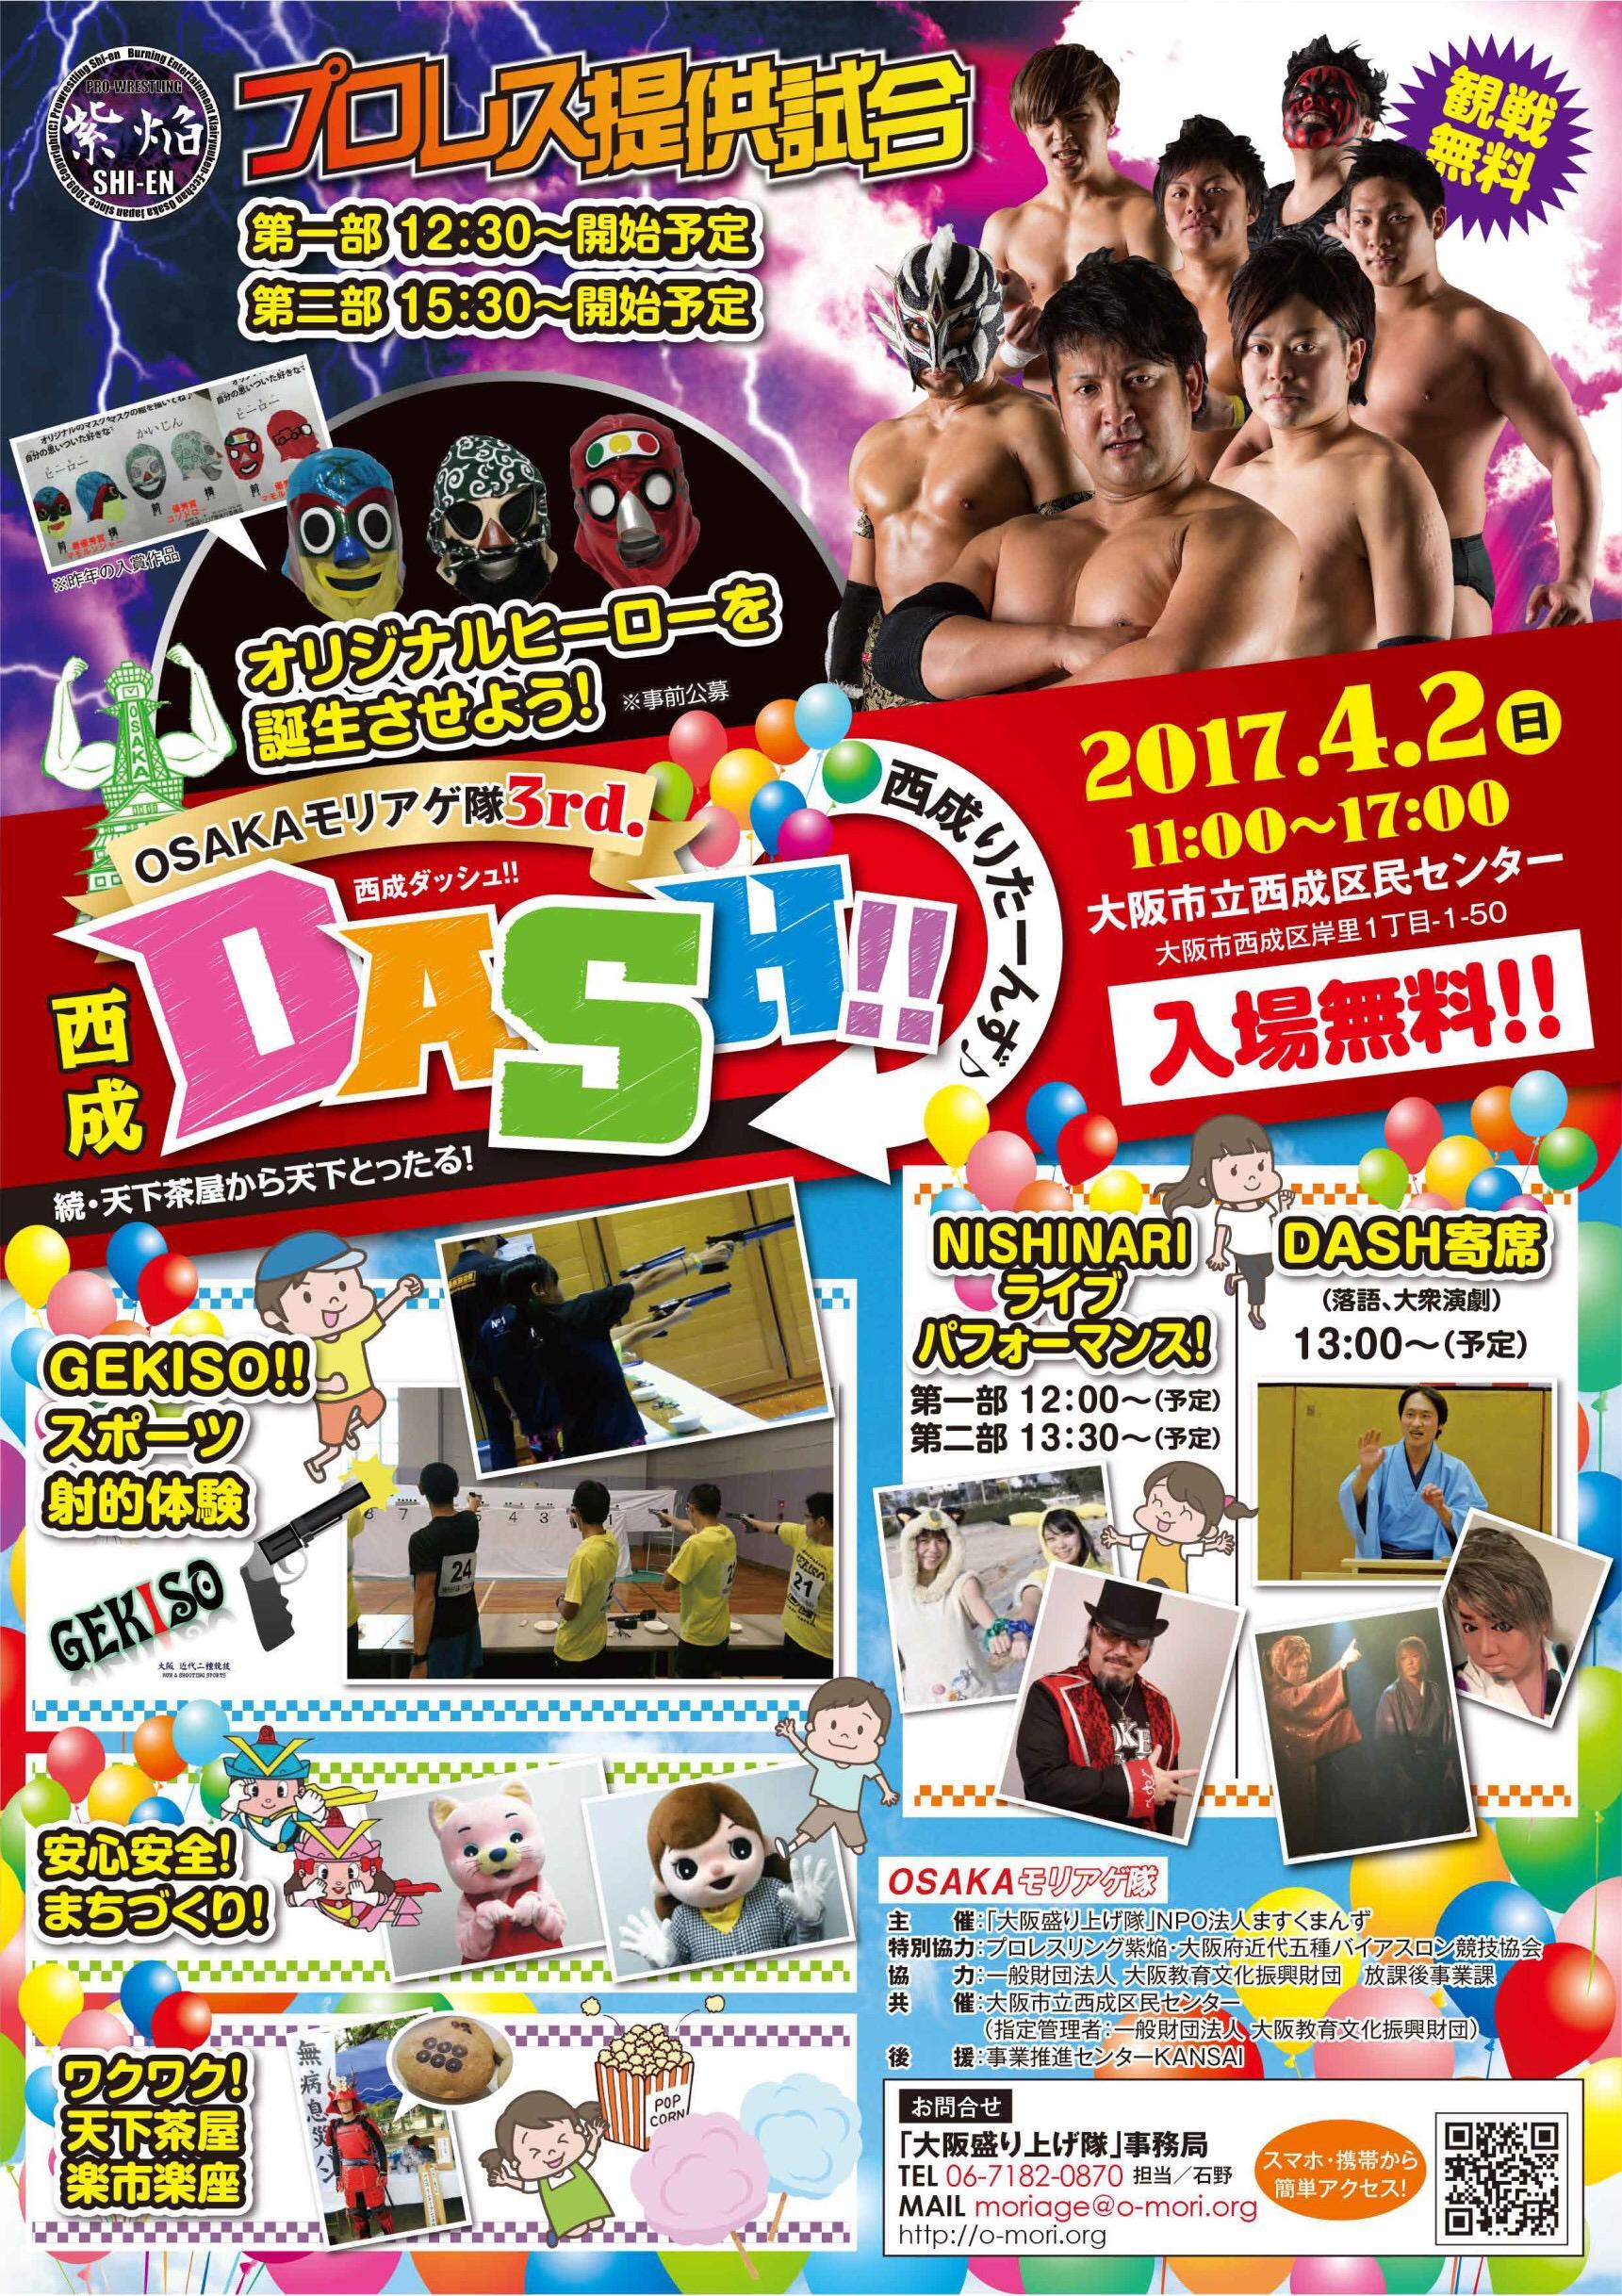 4/2(日)大阪市立西成区民センターで『西成DASH!!』観覧無料